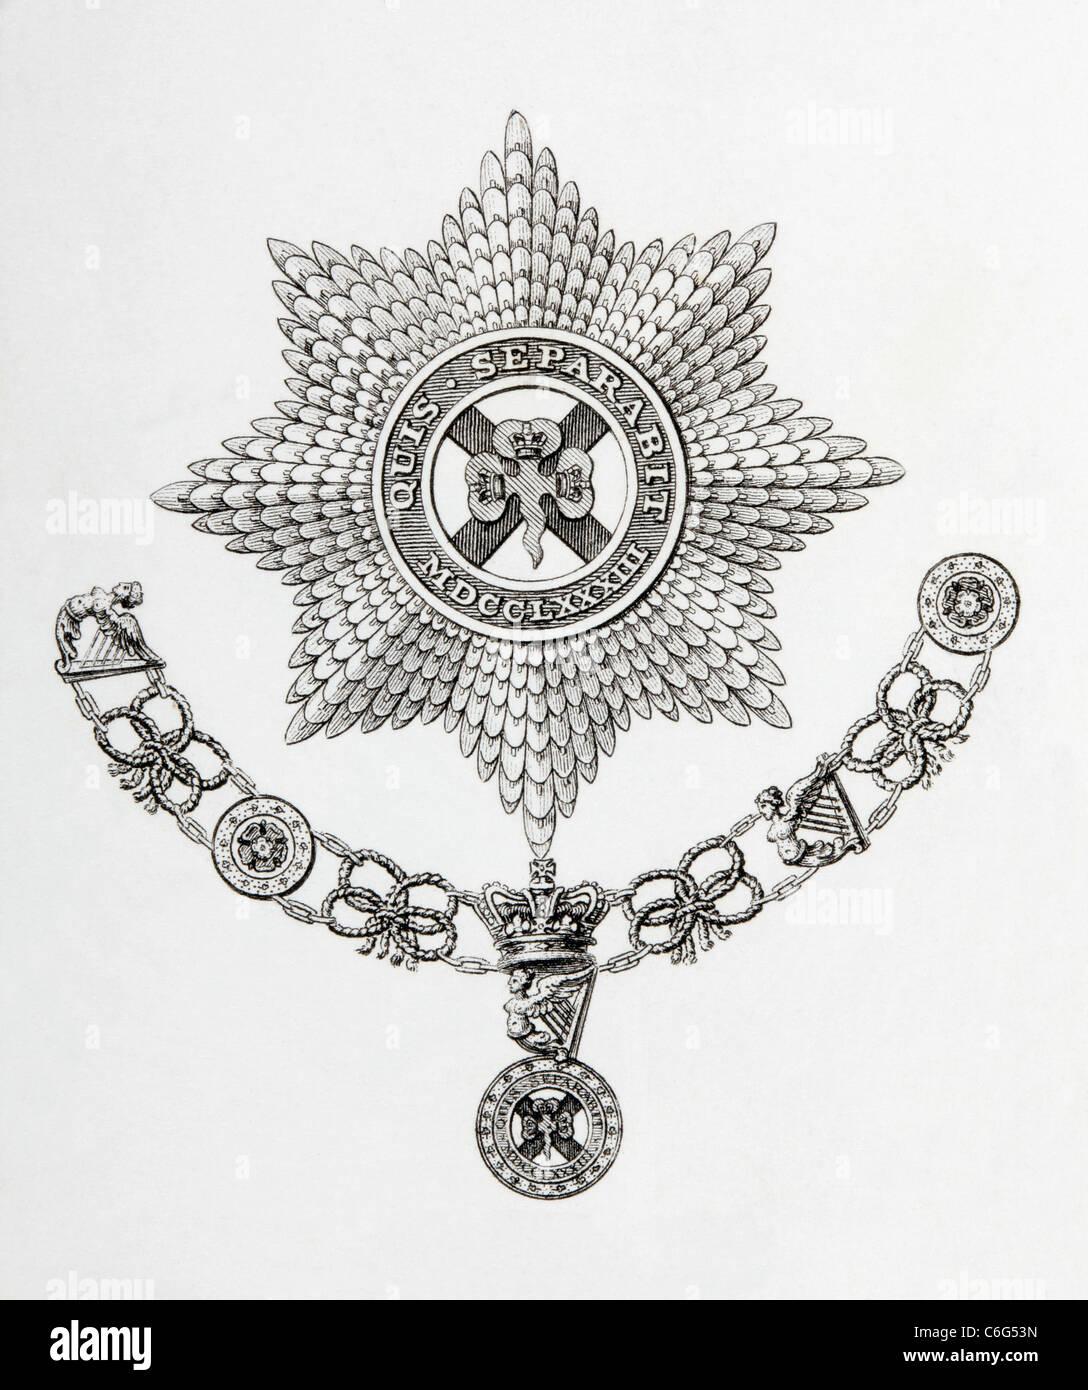 Stern, Kragen und Abzeichen des Ordens St. Patrick. Stockbild